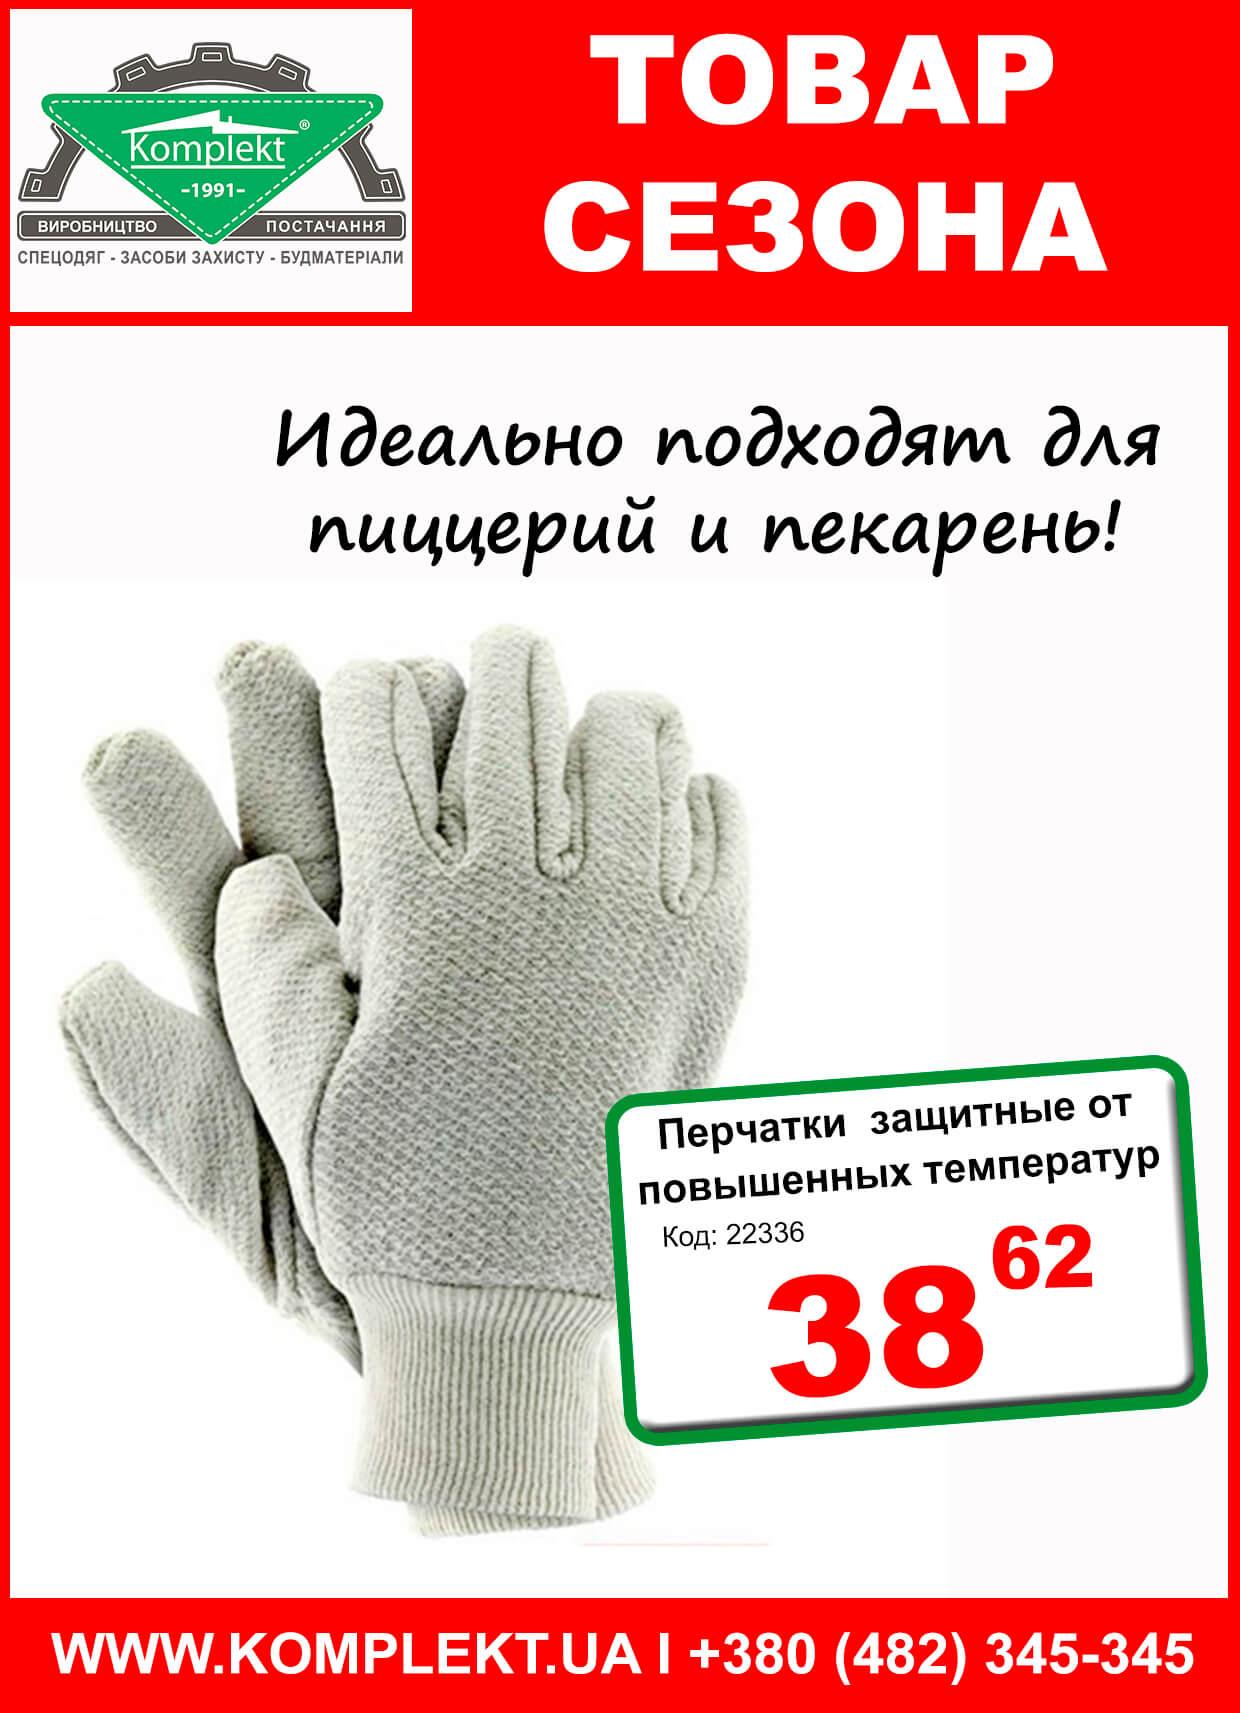 перчатки защитные от повышенных температур